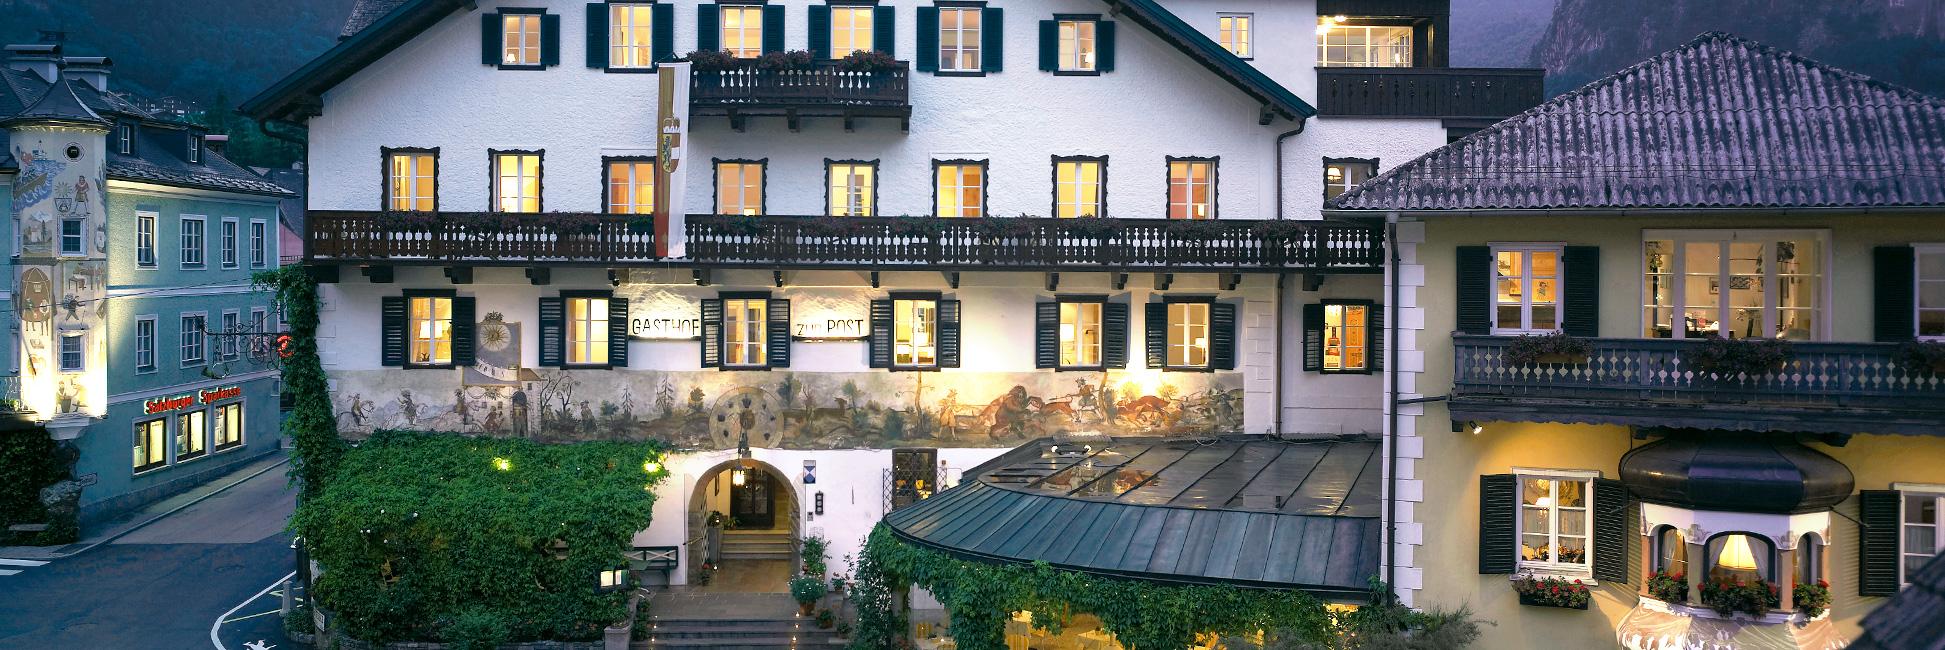 Hotel Gasthof zur Post St. Gilgen am Wolfgangsee